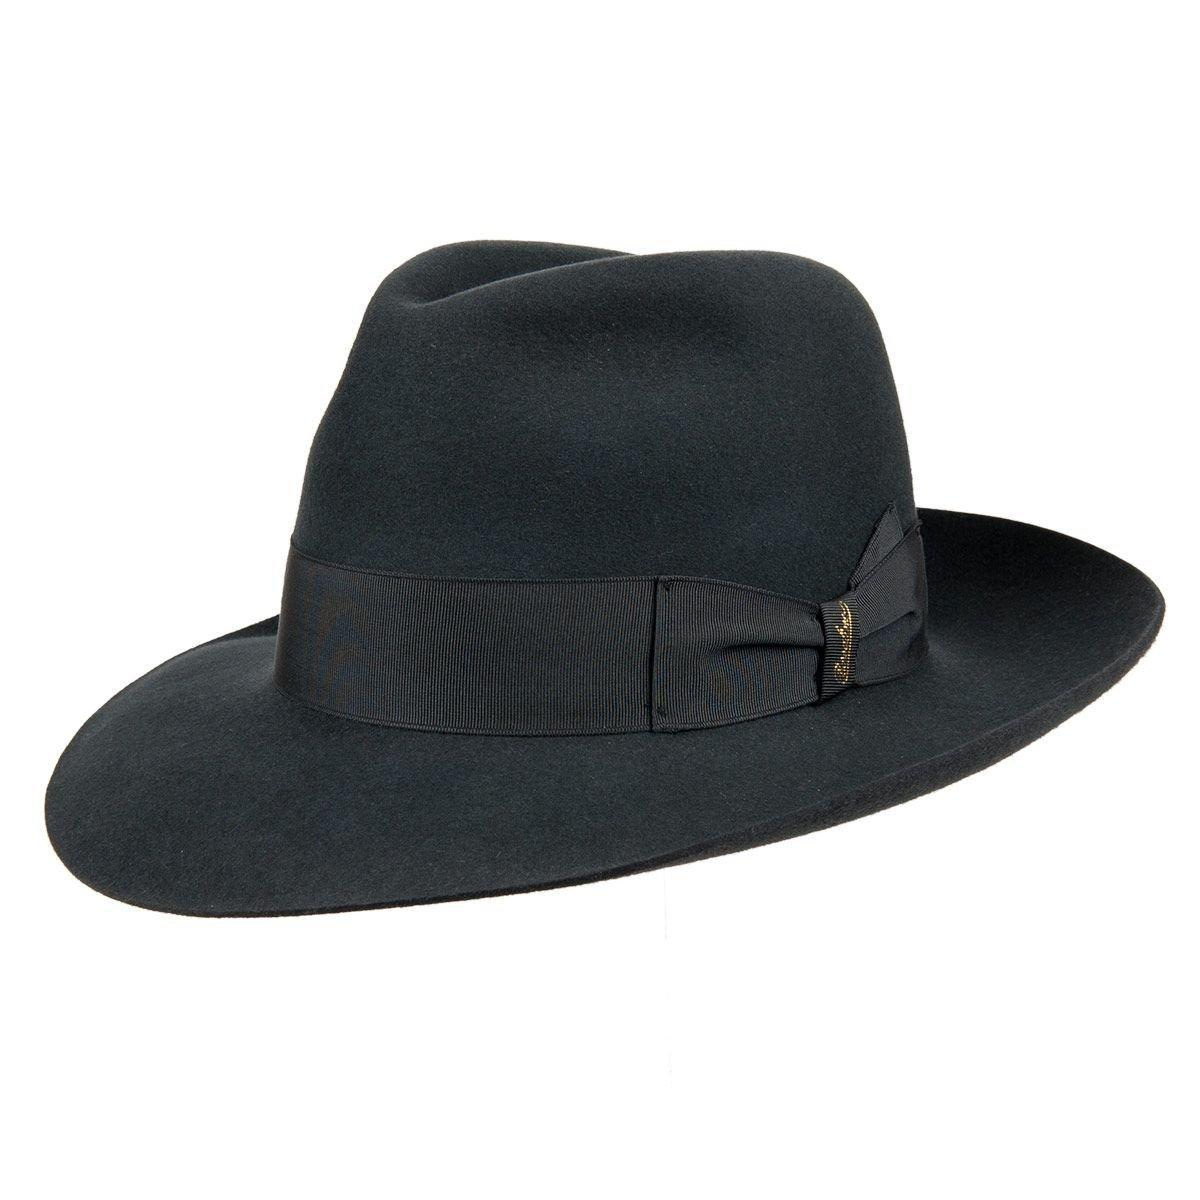 cappello classico Fedora Borsalino a tesa larga in feltro di lapin c8c51aceceeb